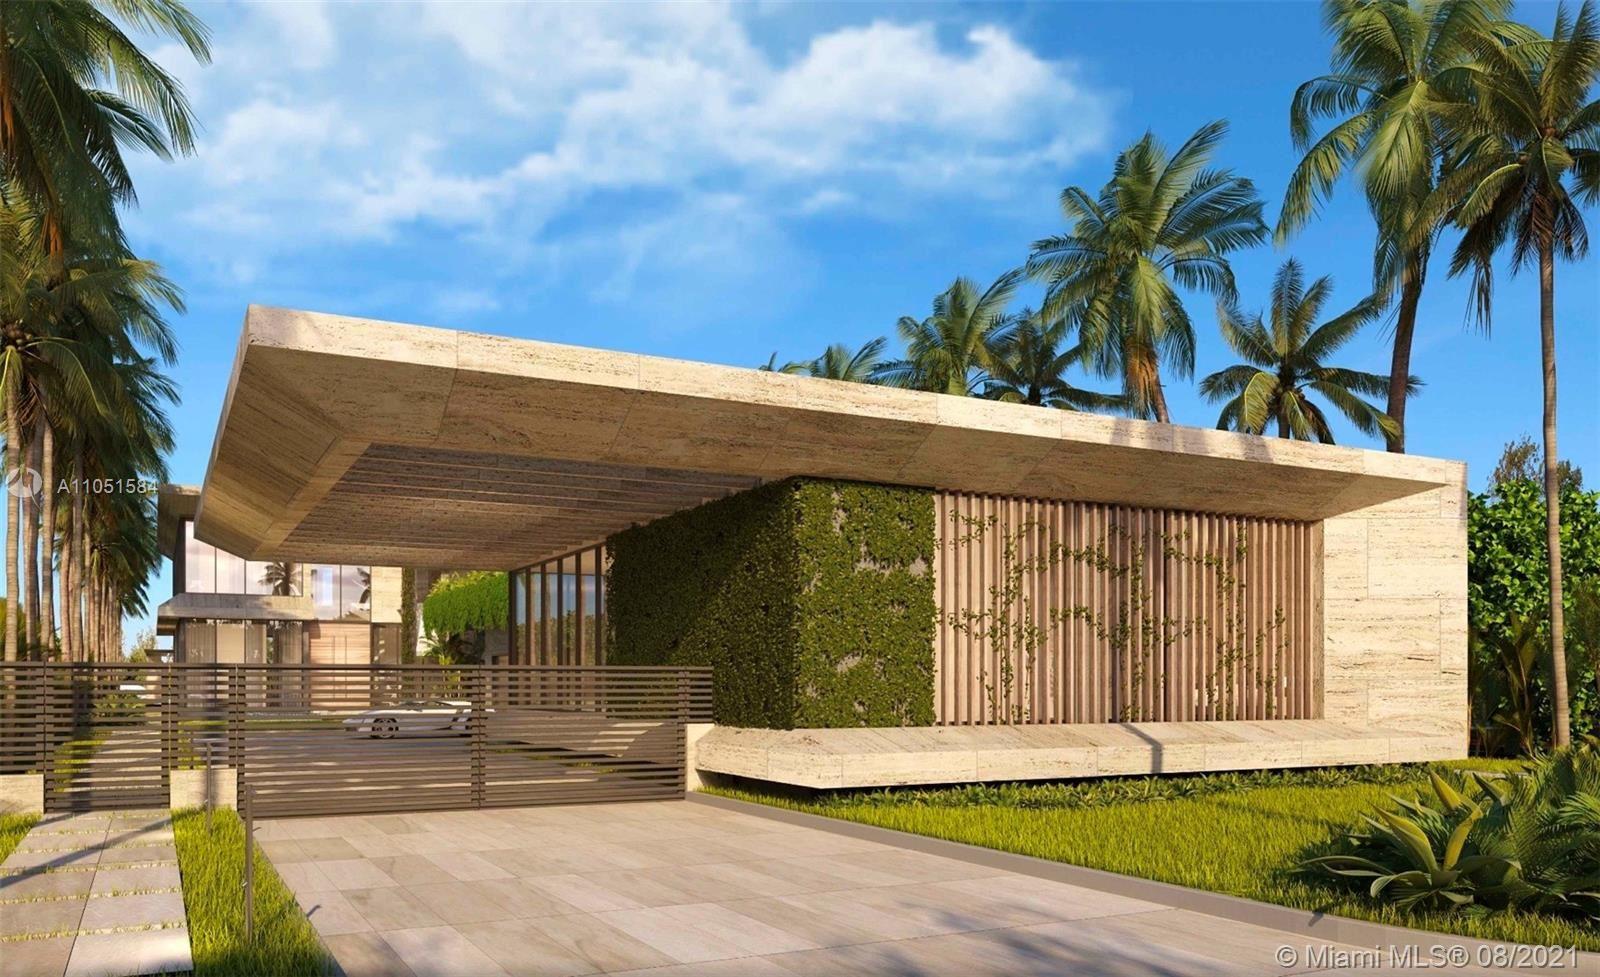 Photo of 5970 N Bay Rd, Miami Beach, FL 33140 (MLS # A11051584)